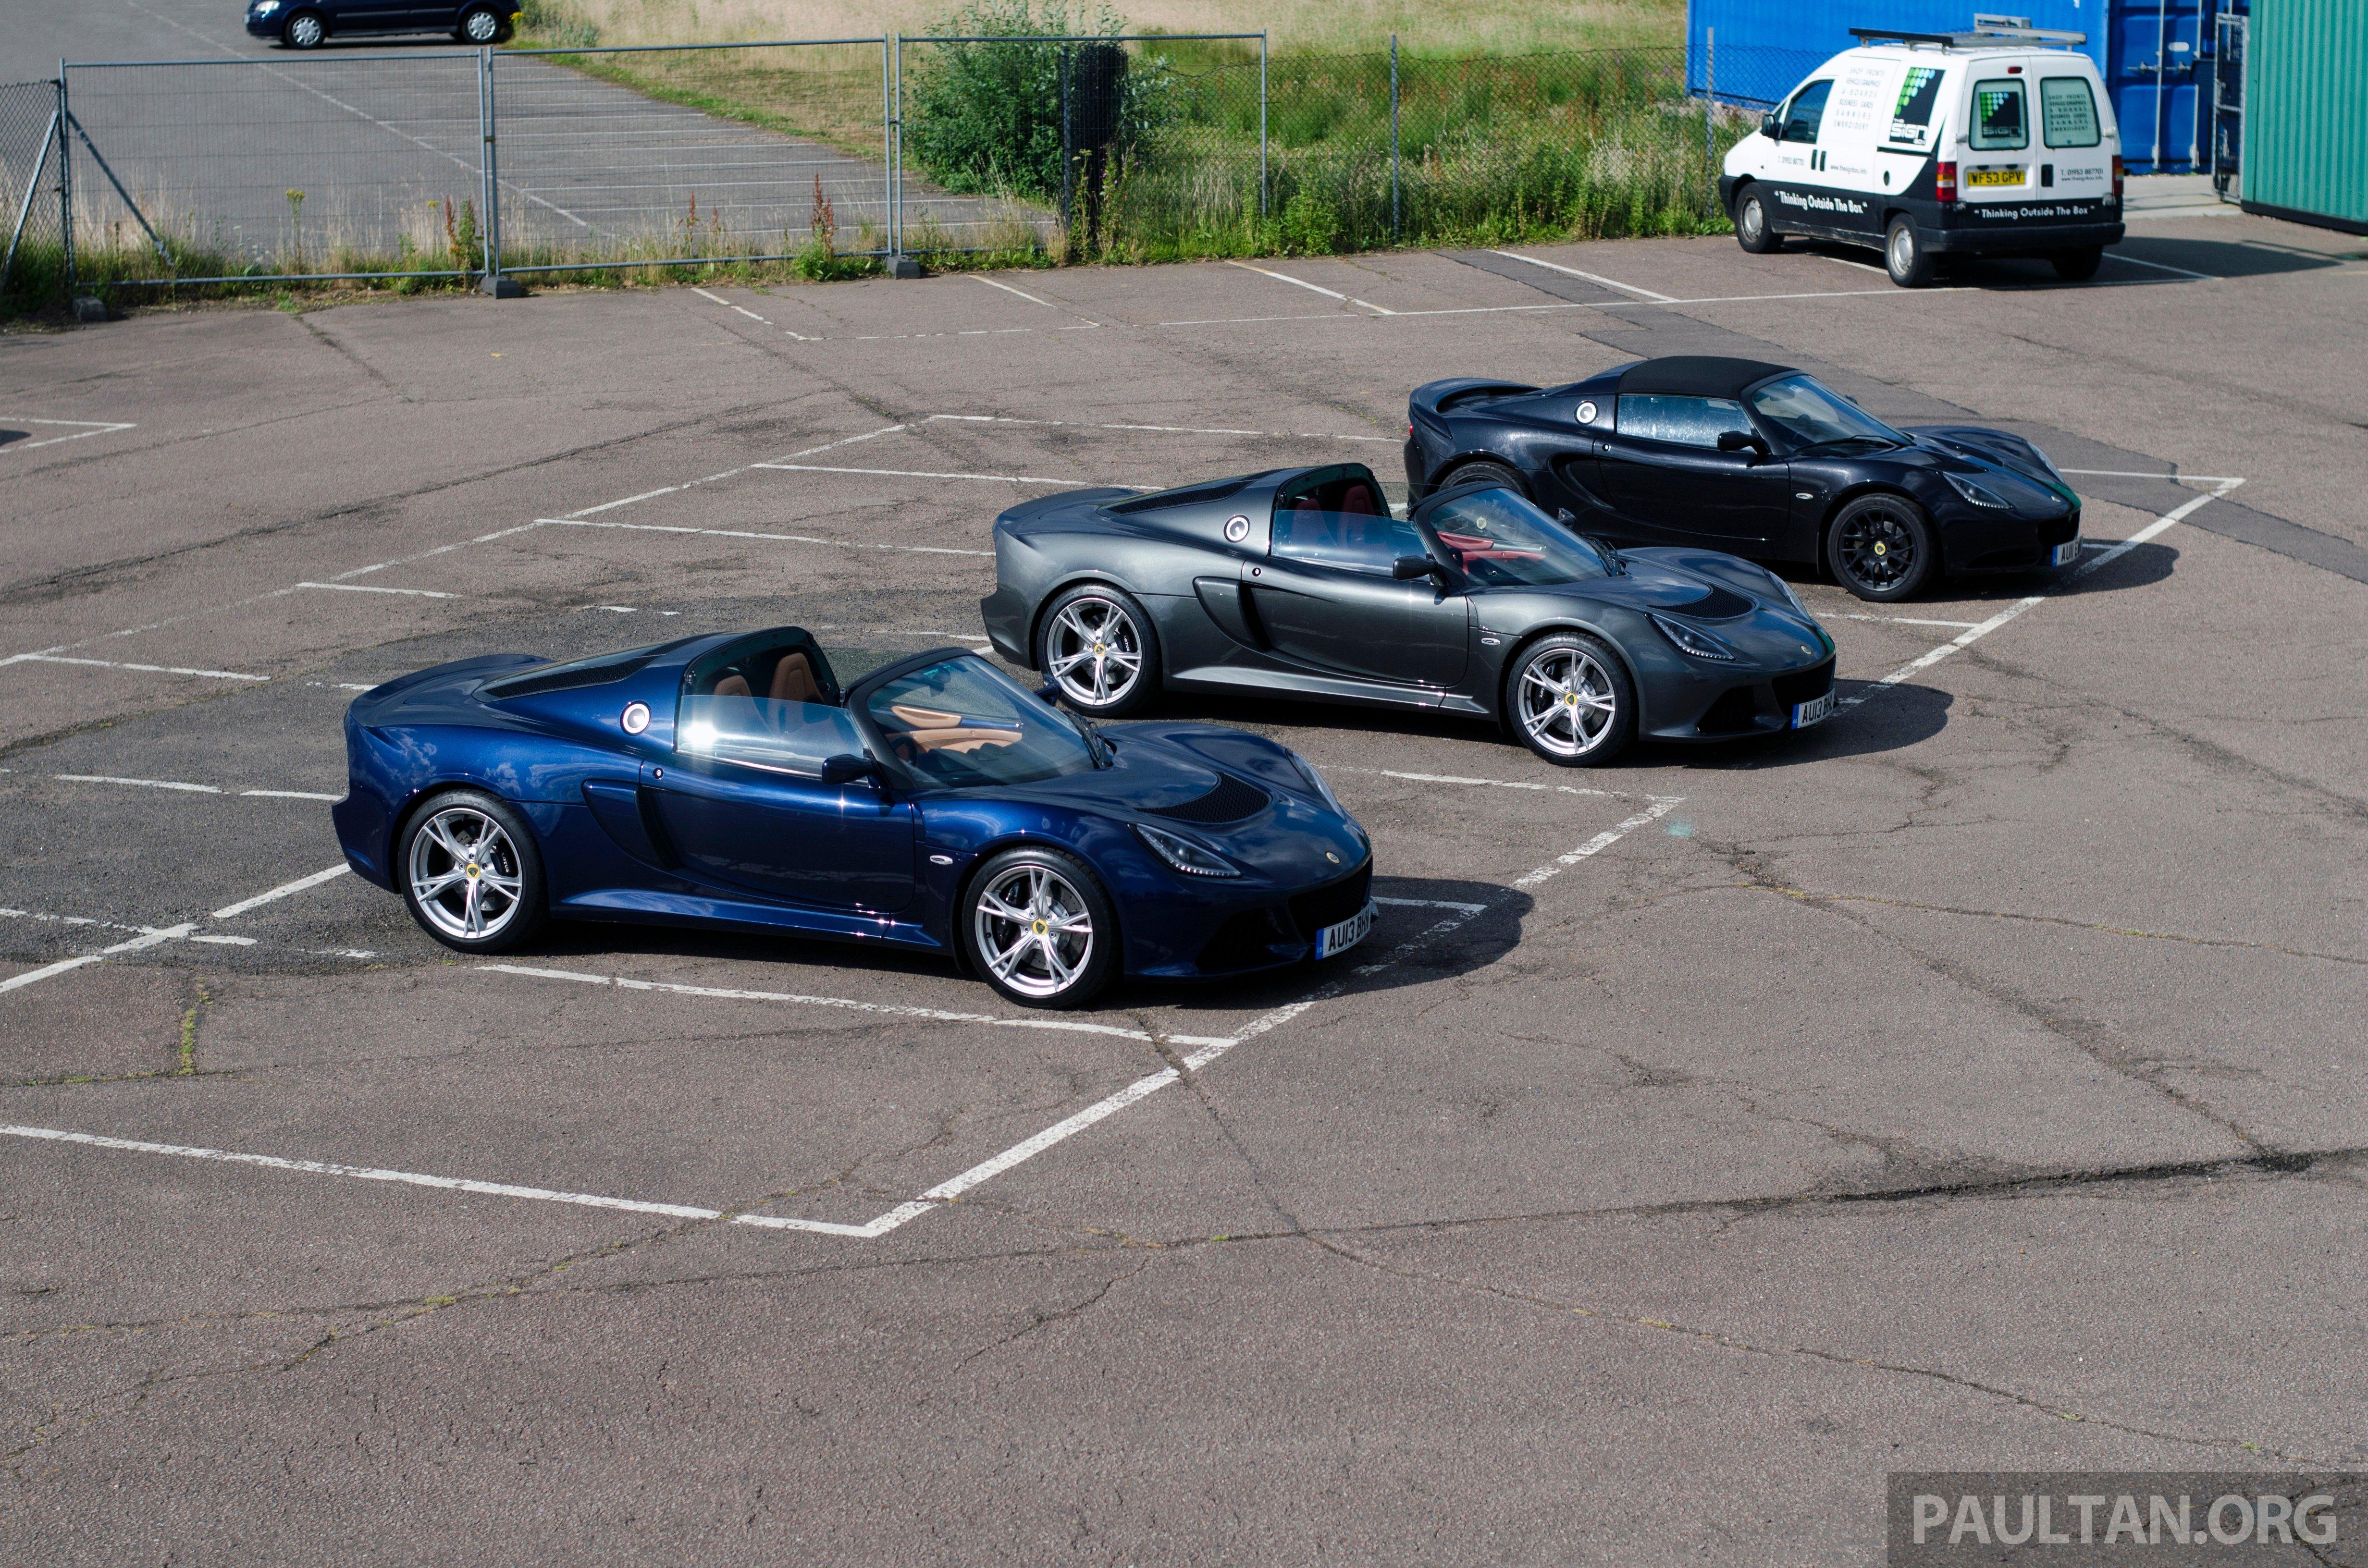 https://s2.paultan.org/image/2013/11/Lotus-Exige-S-Roadster-9.jpg